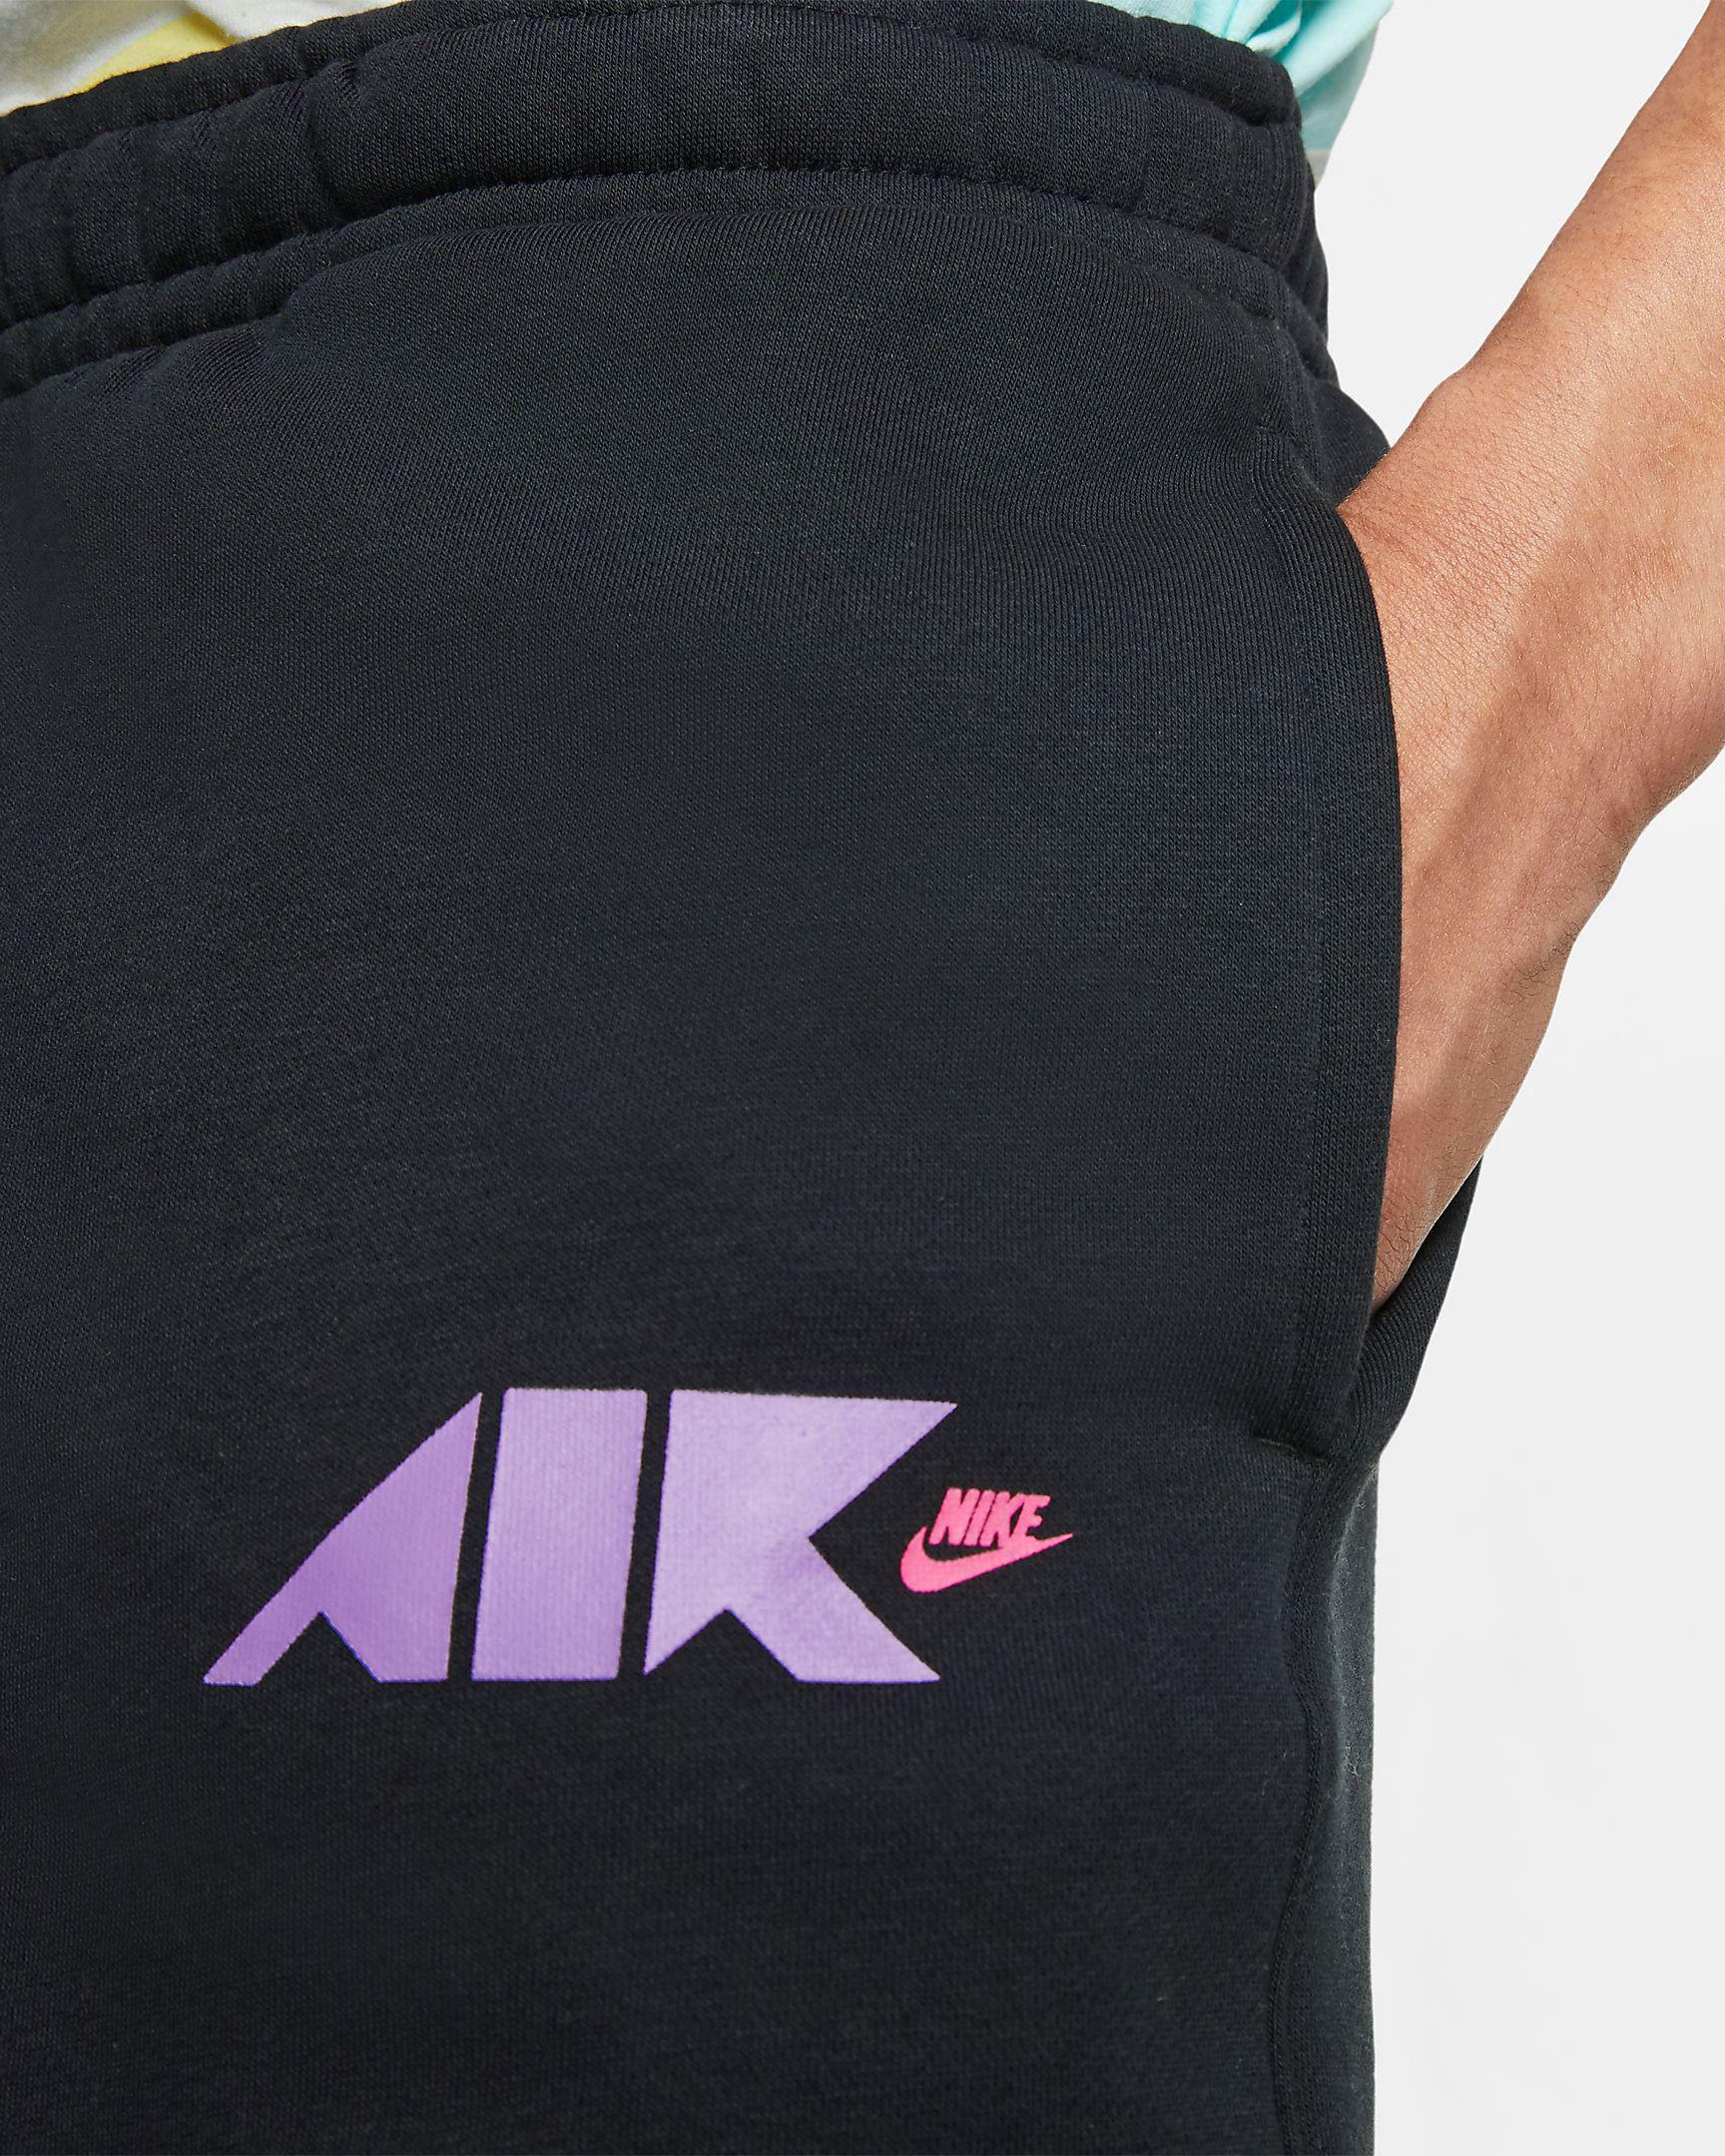 nike-geometric-jogger-pants-3